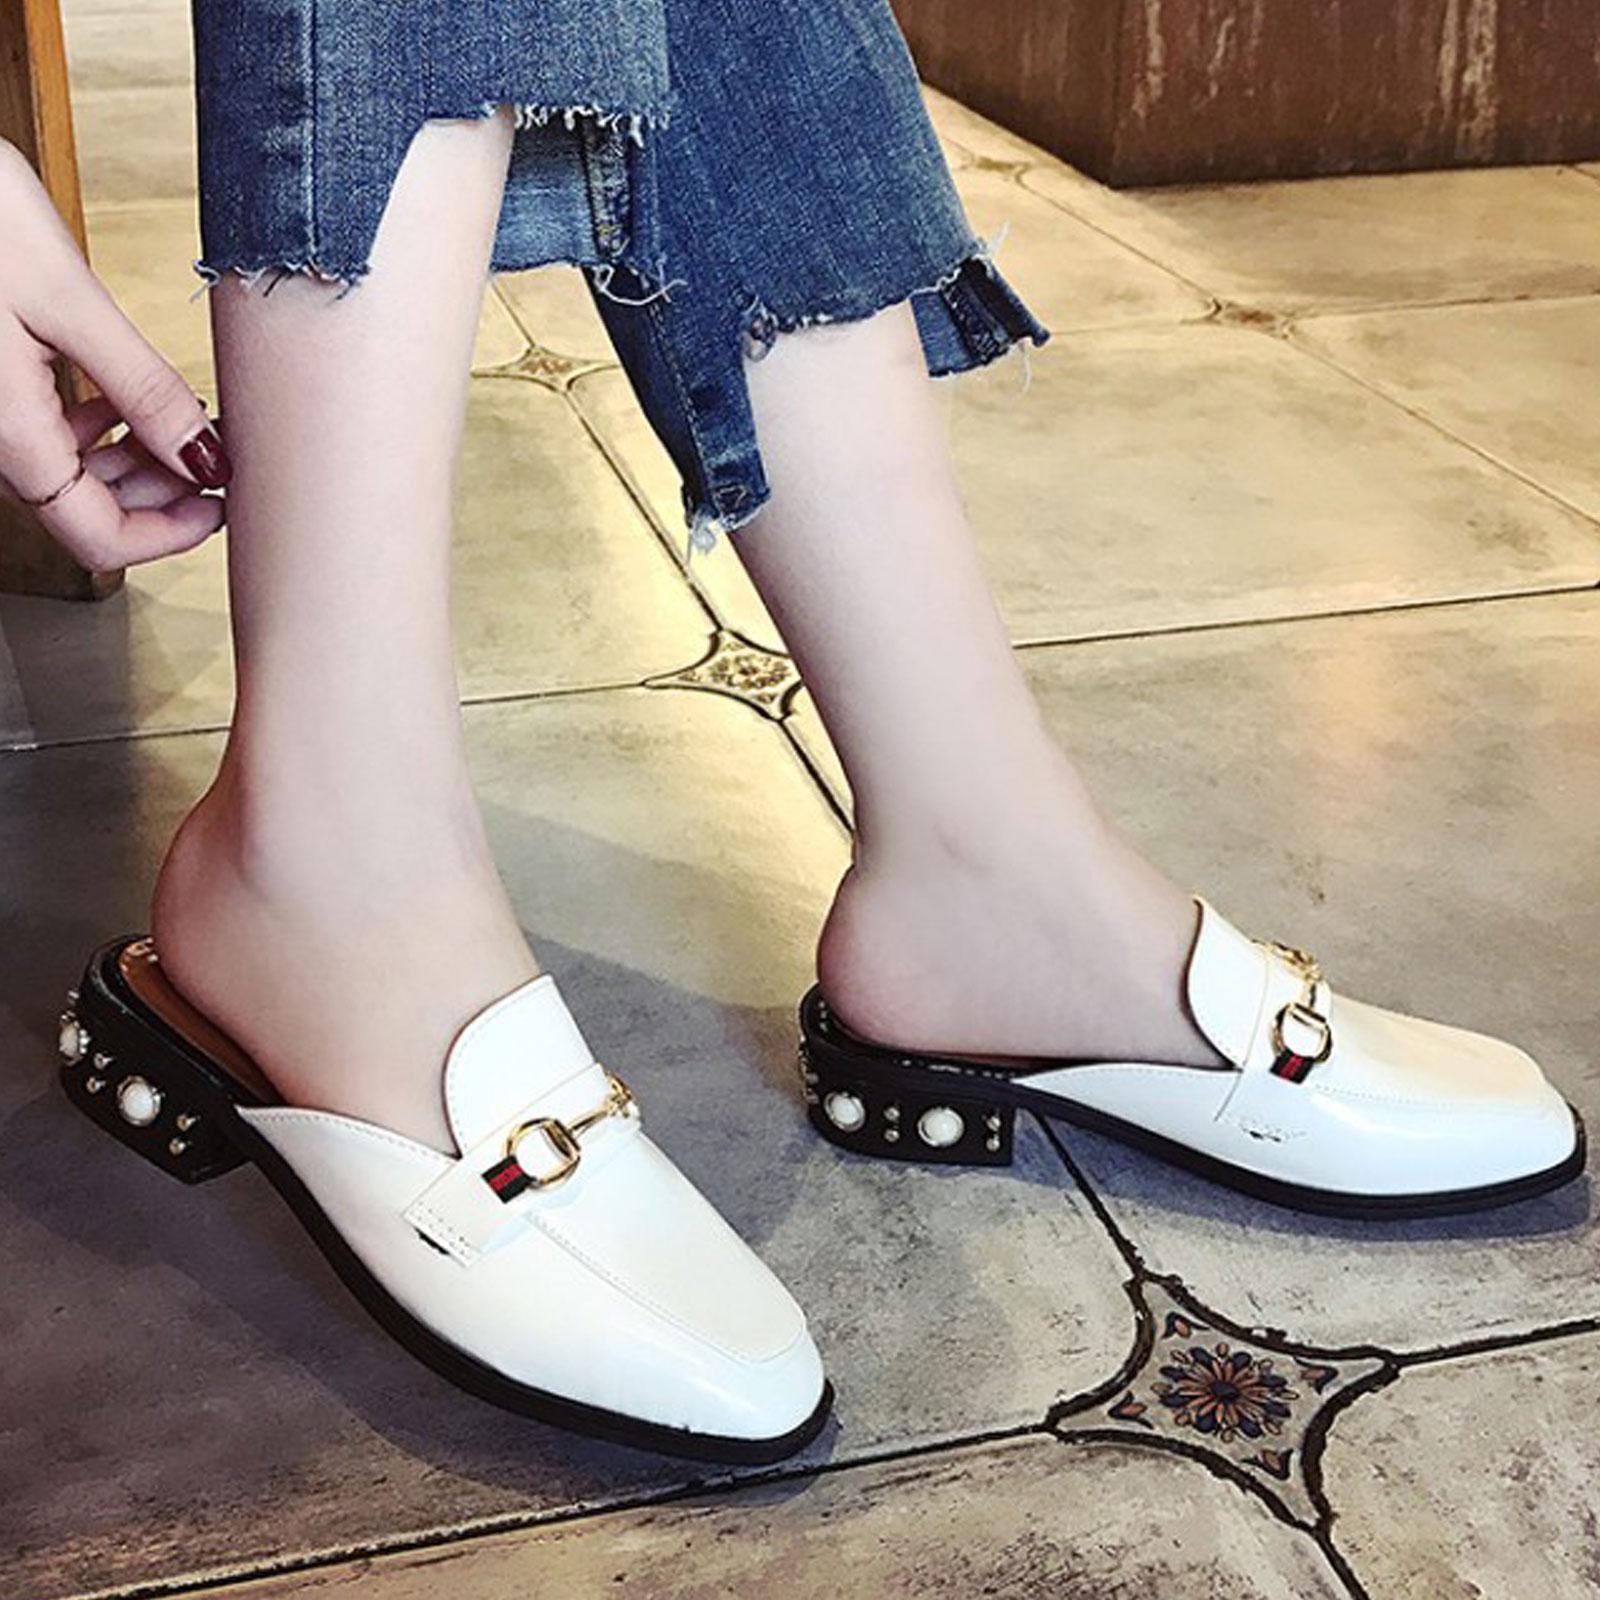 懶人鞋 淺口珍珠裝飾方頭粗跟半拖鞋【S1693】☆雙兒網☆ 3